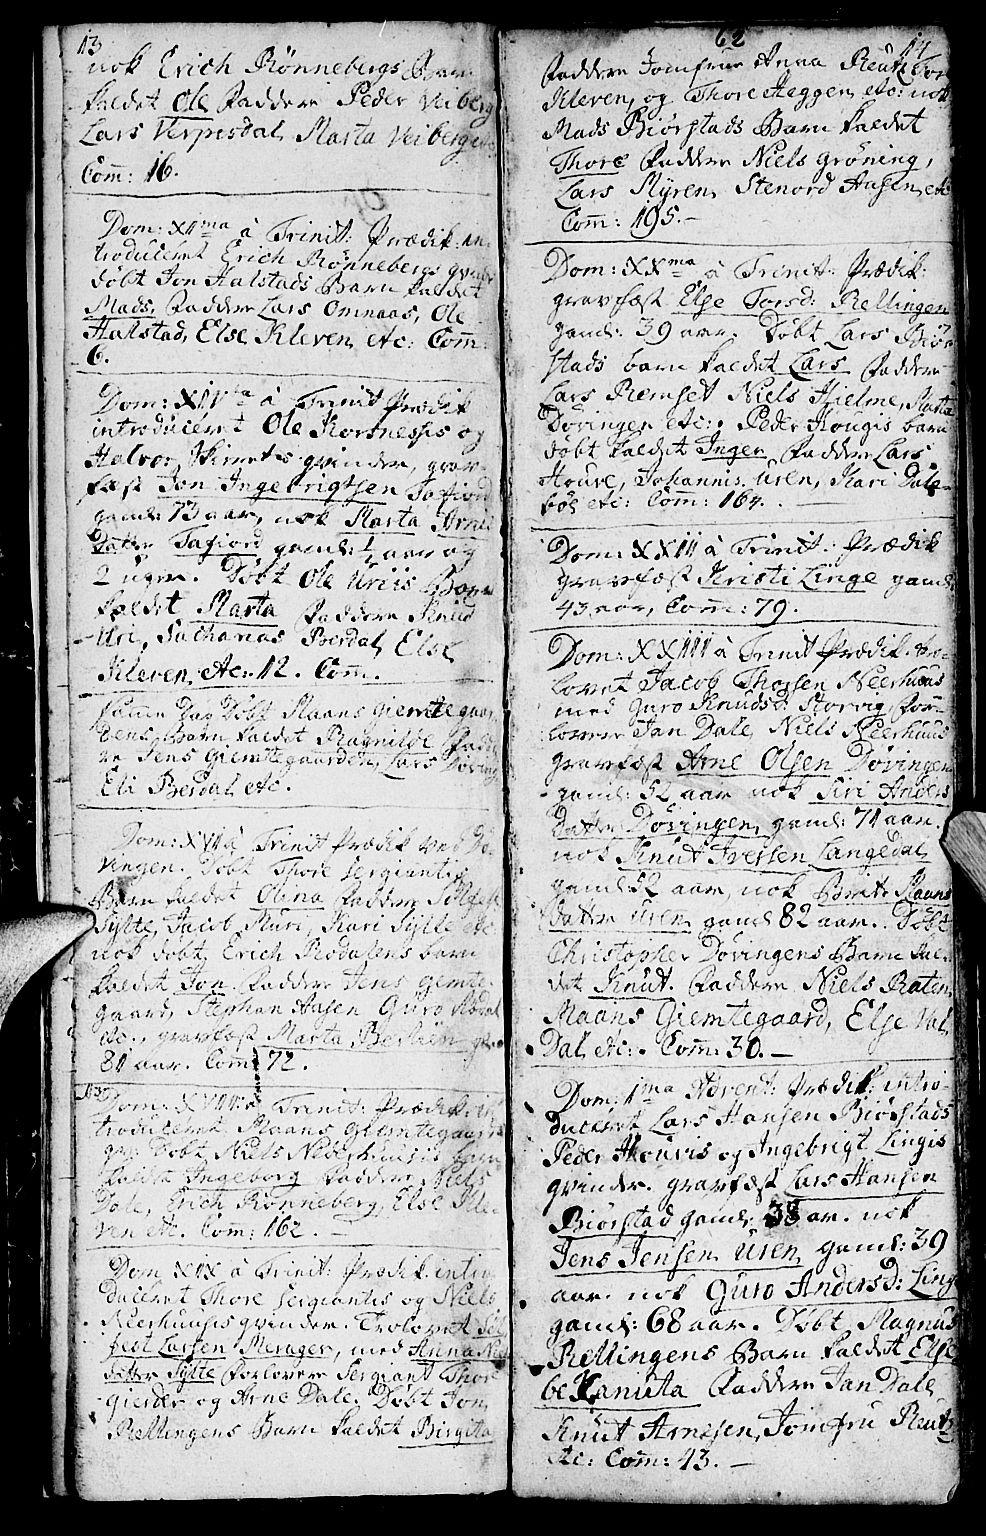 SAT, Ministerialprotokoller, klokkerbøker og fødselsregistre - Møre og Romsdal, 519/L0243: Ministerialbok nr. 519A02, 1760-1770, s. 13-14